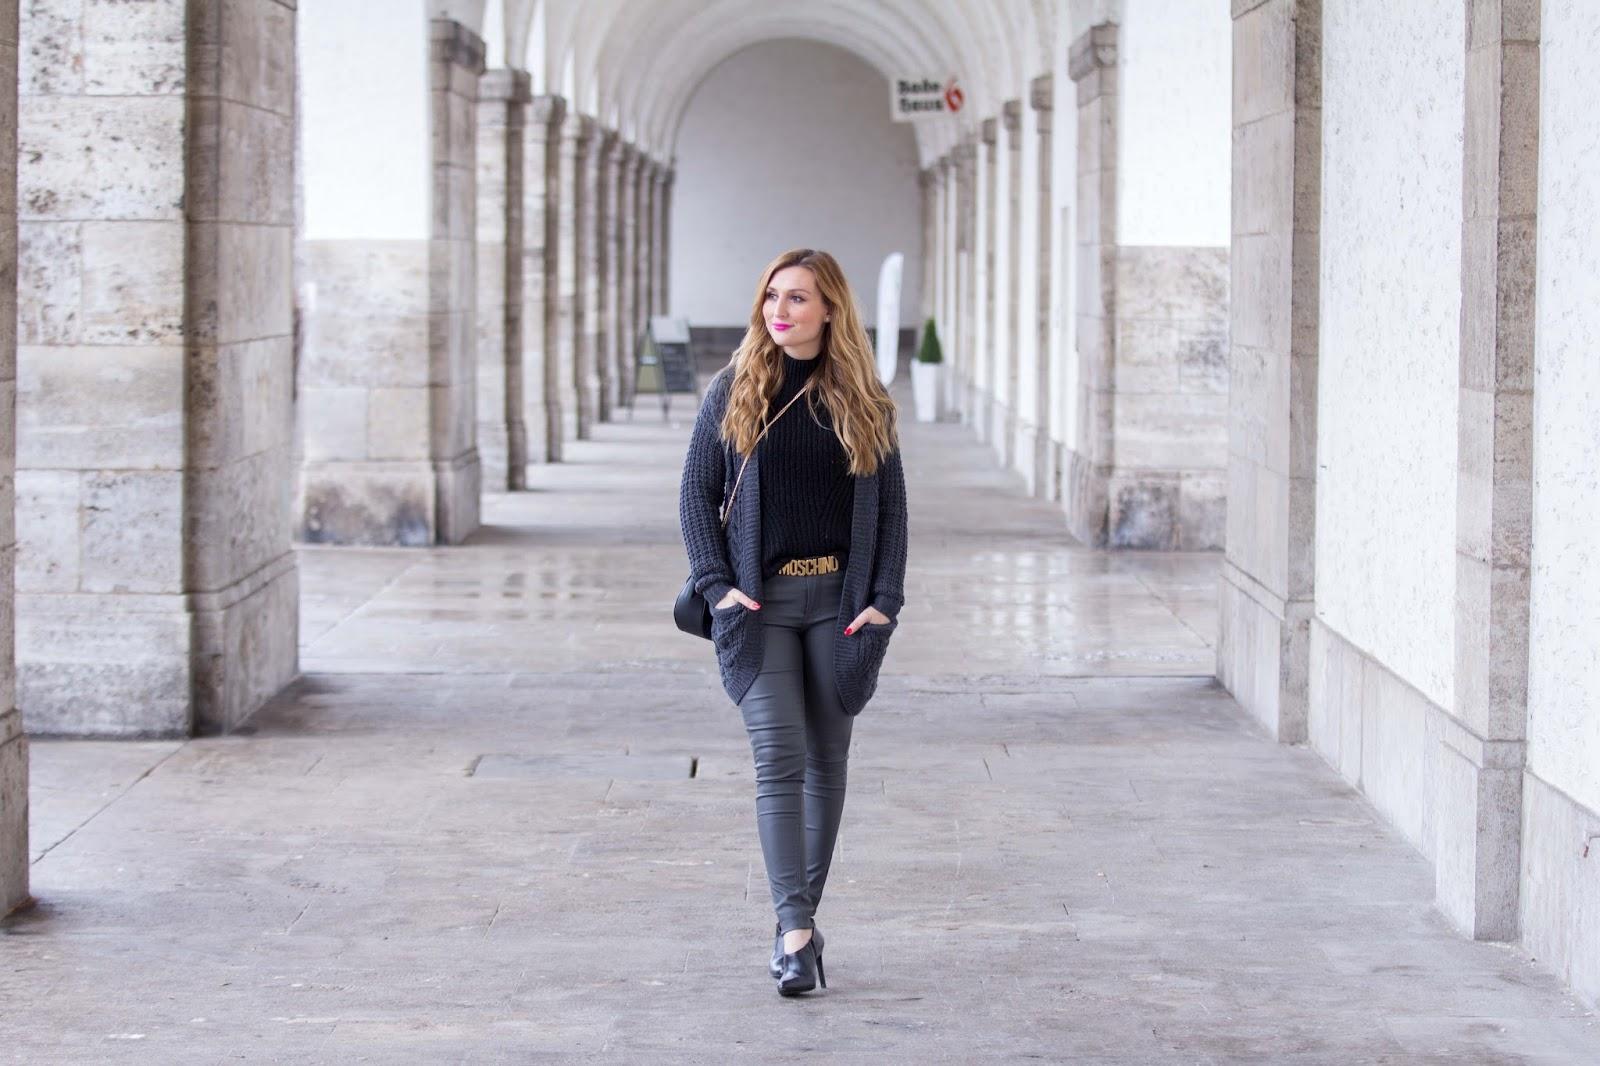 Fashionblogger-moschino-mit-buntem-Fell-pinkes-trend2017-schwarz-grau-BloggerstyleFashionblogger-trenchcoat-schwarze-stiefletten-Bloggerstyle